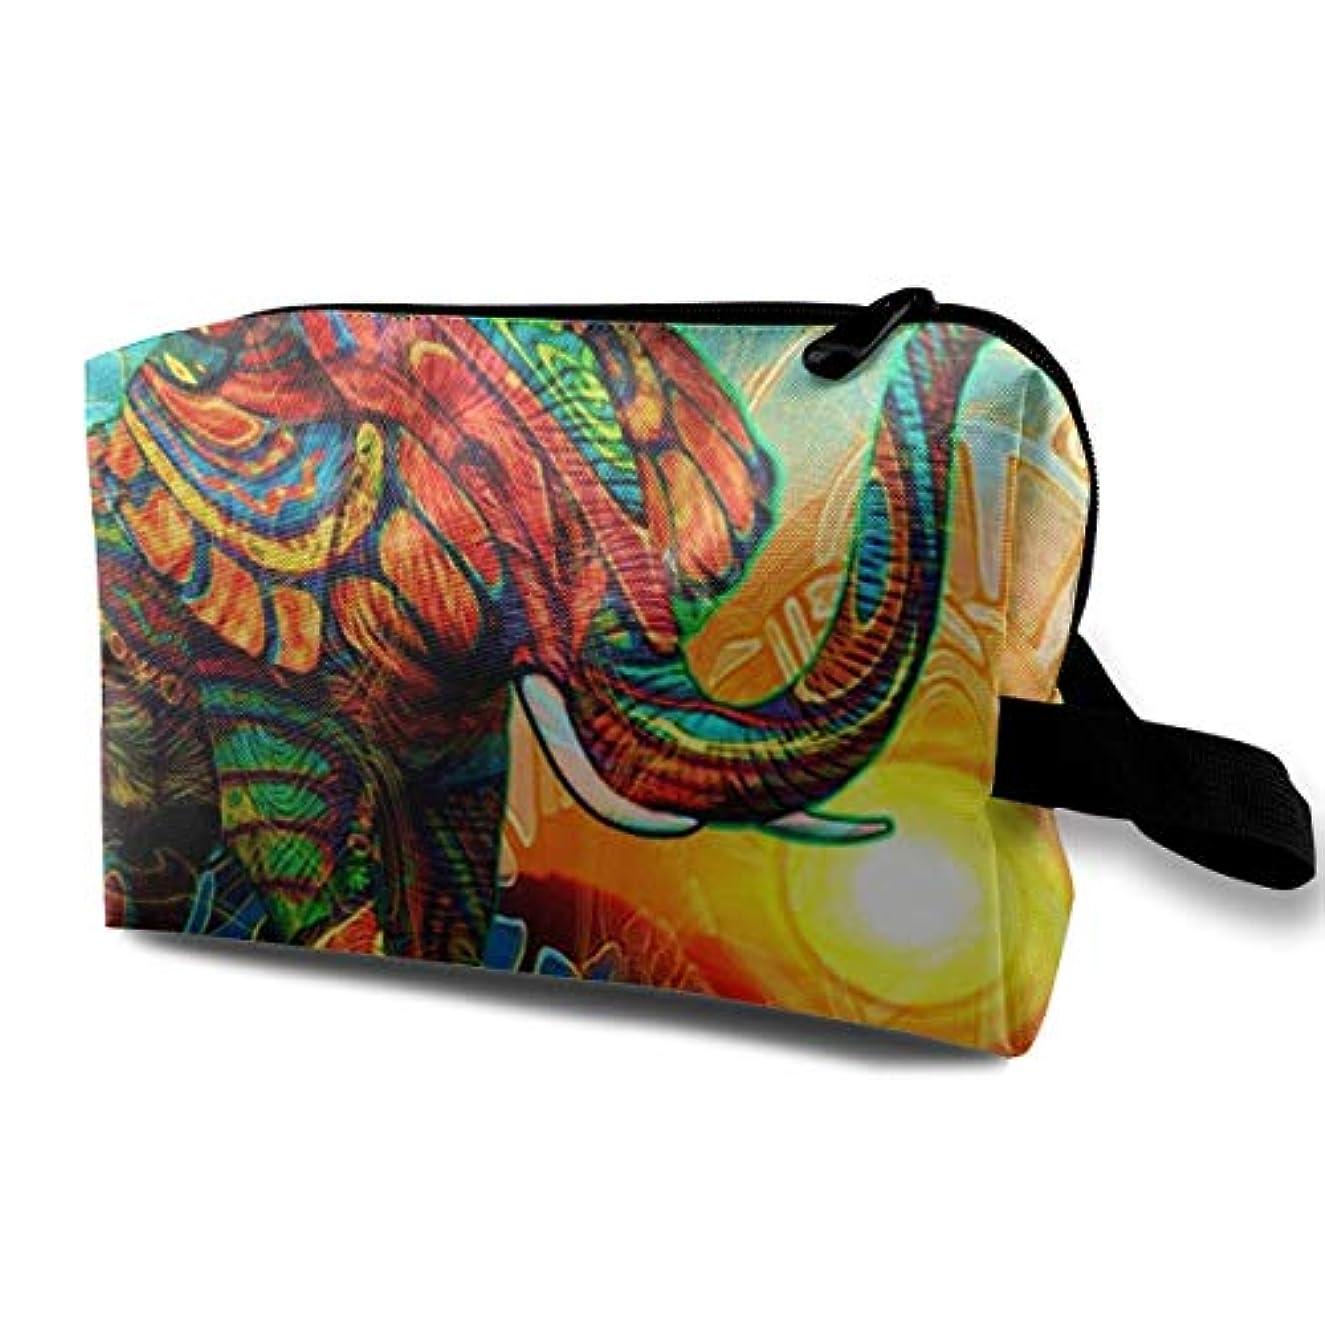 過敏な理解ブルジョンCool Design Colorful Elephant 収納ポーチ 化粧ポーチ 大容量 軽量 耐久性 ハンドル付持ち運び便利。入れ 自宅?出張?旅行?アウトドア撮影などに対応。メンズ レディース トラベルグッズ